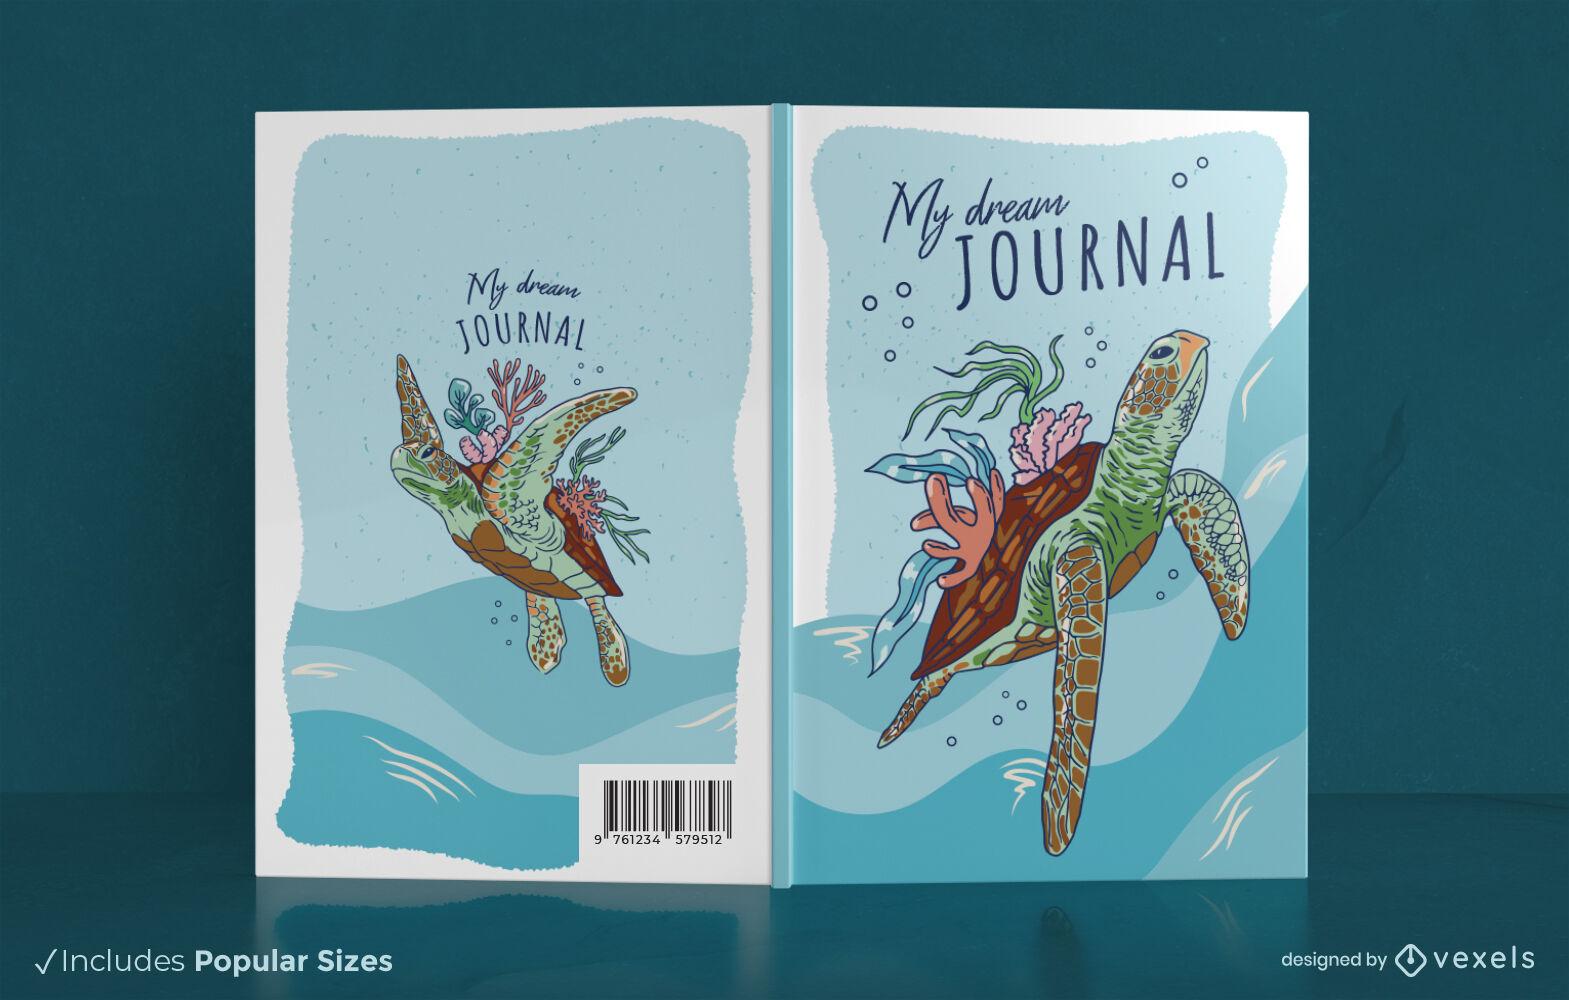 Turtle swimming dream journal cover design